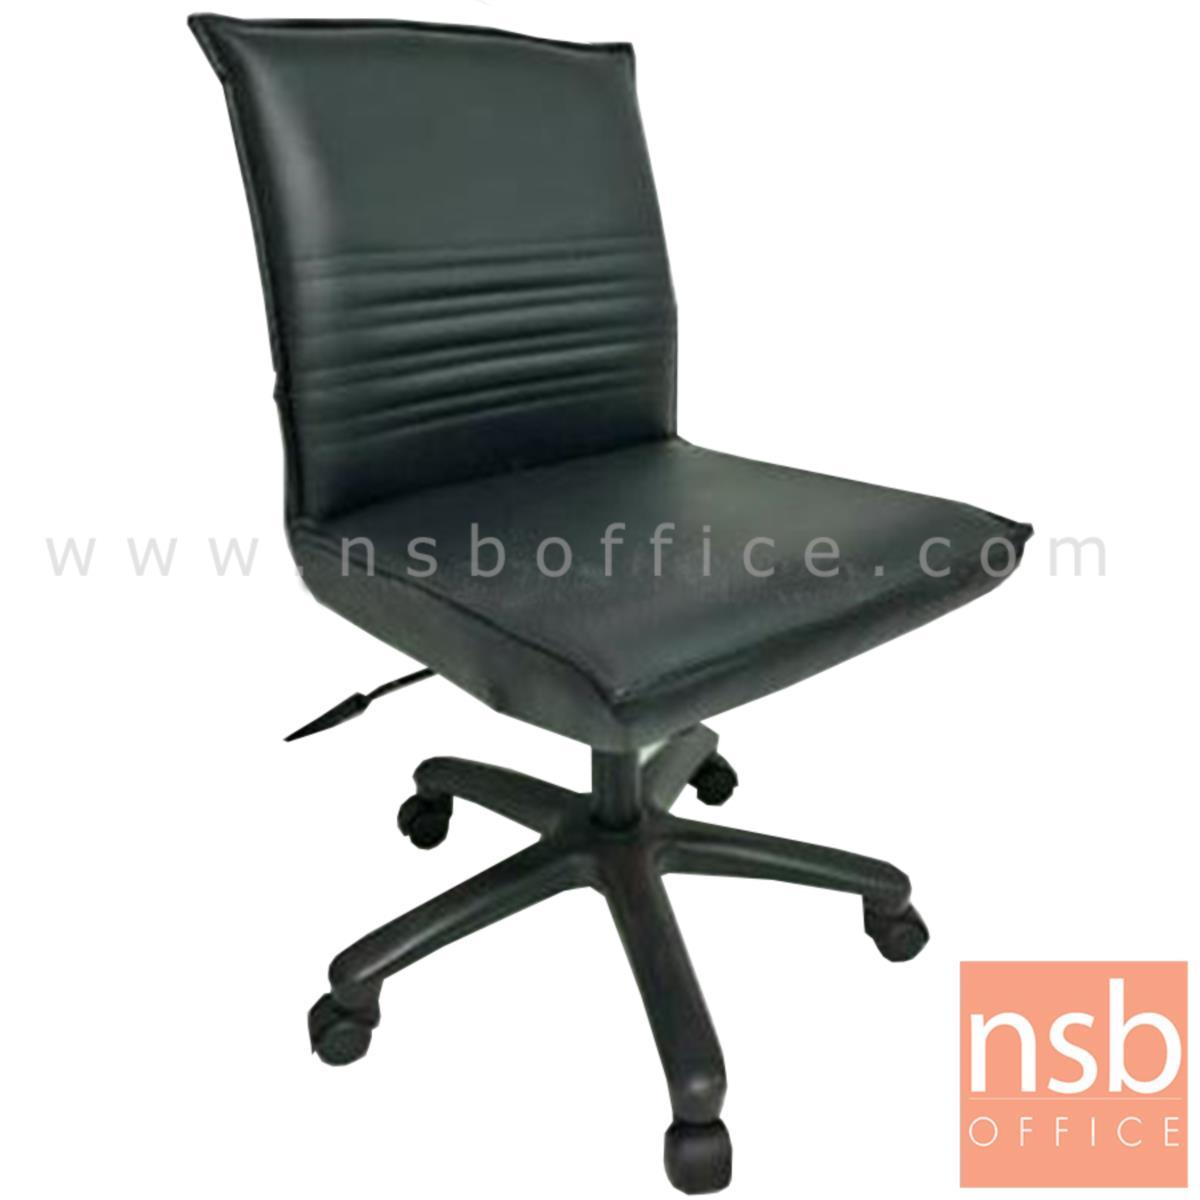 B03A428:เก้าอี้สำนักงาน รุ่น KS-400 โช๊คแก๊ส มีก้อนโยก  ขาพลาสติกและขาเหล็ก